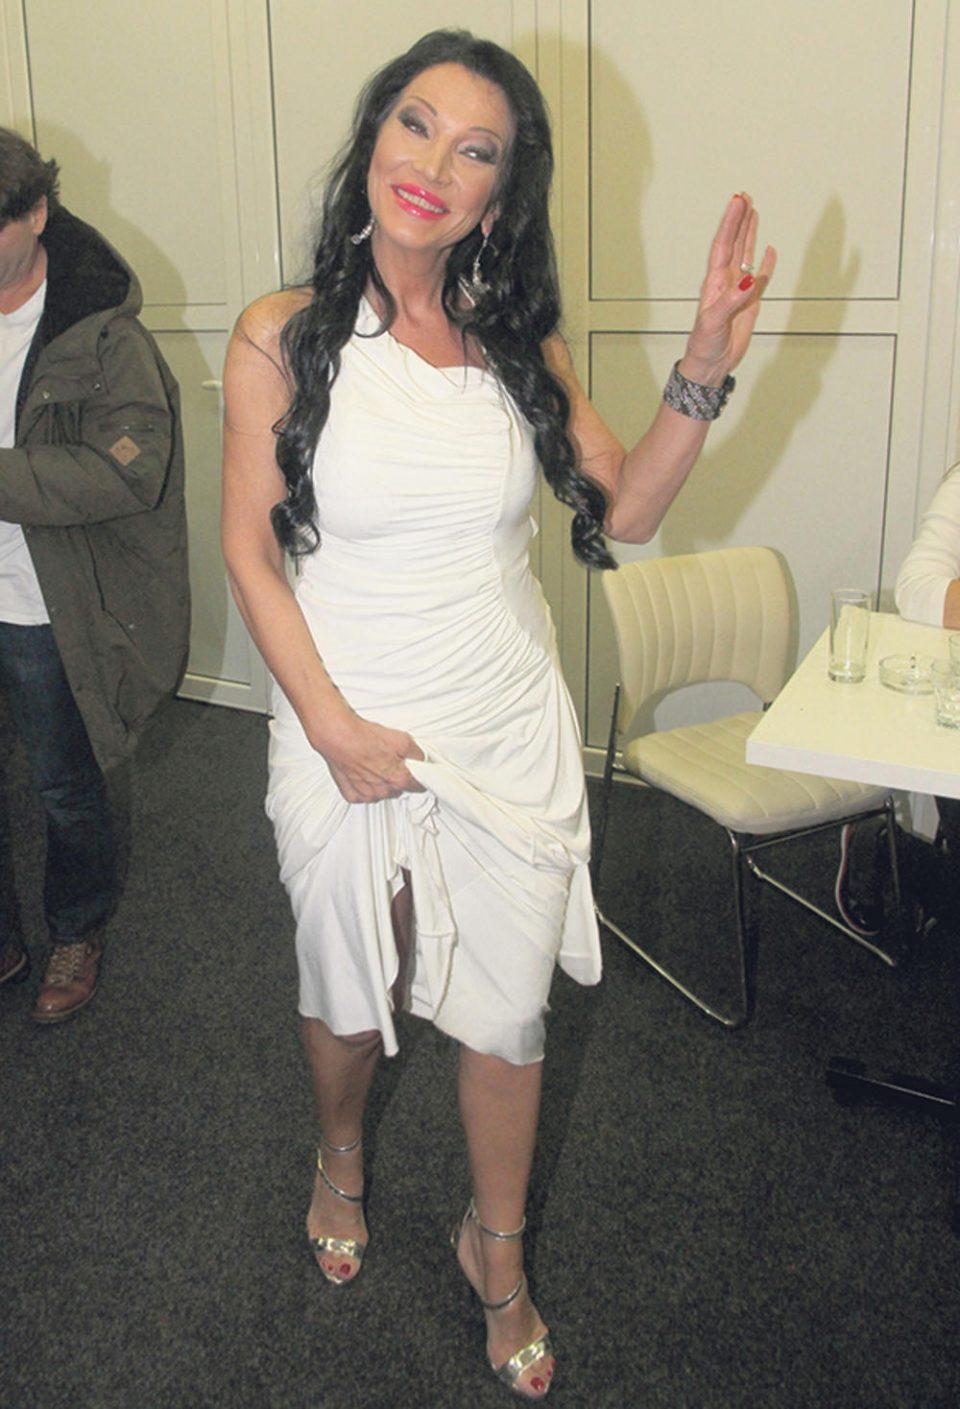 Момчето ѝ е обвинето за убиство- српската пејачка ќе се мажи во затвор?